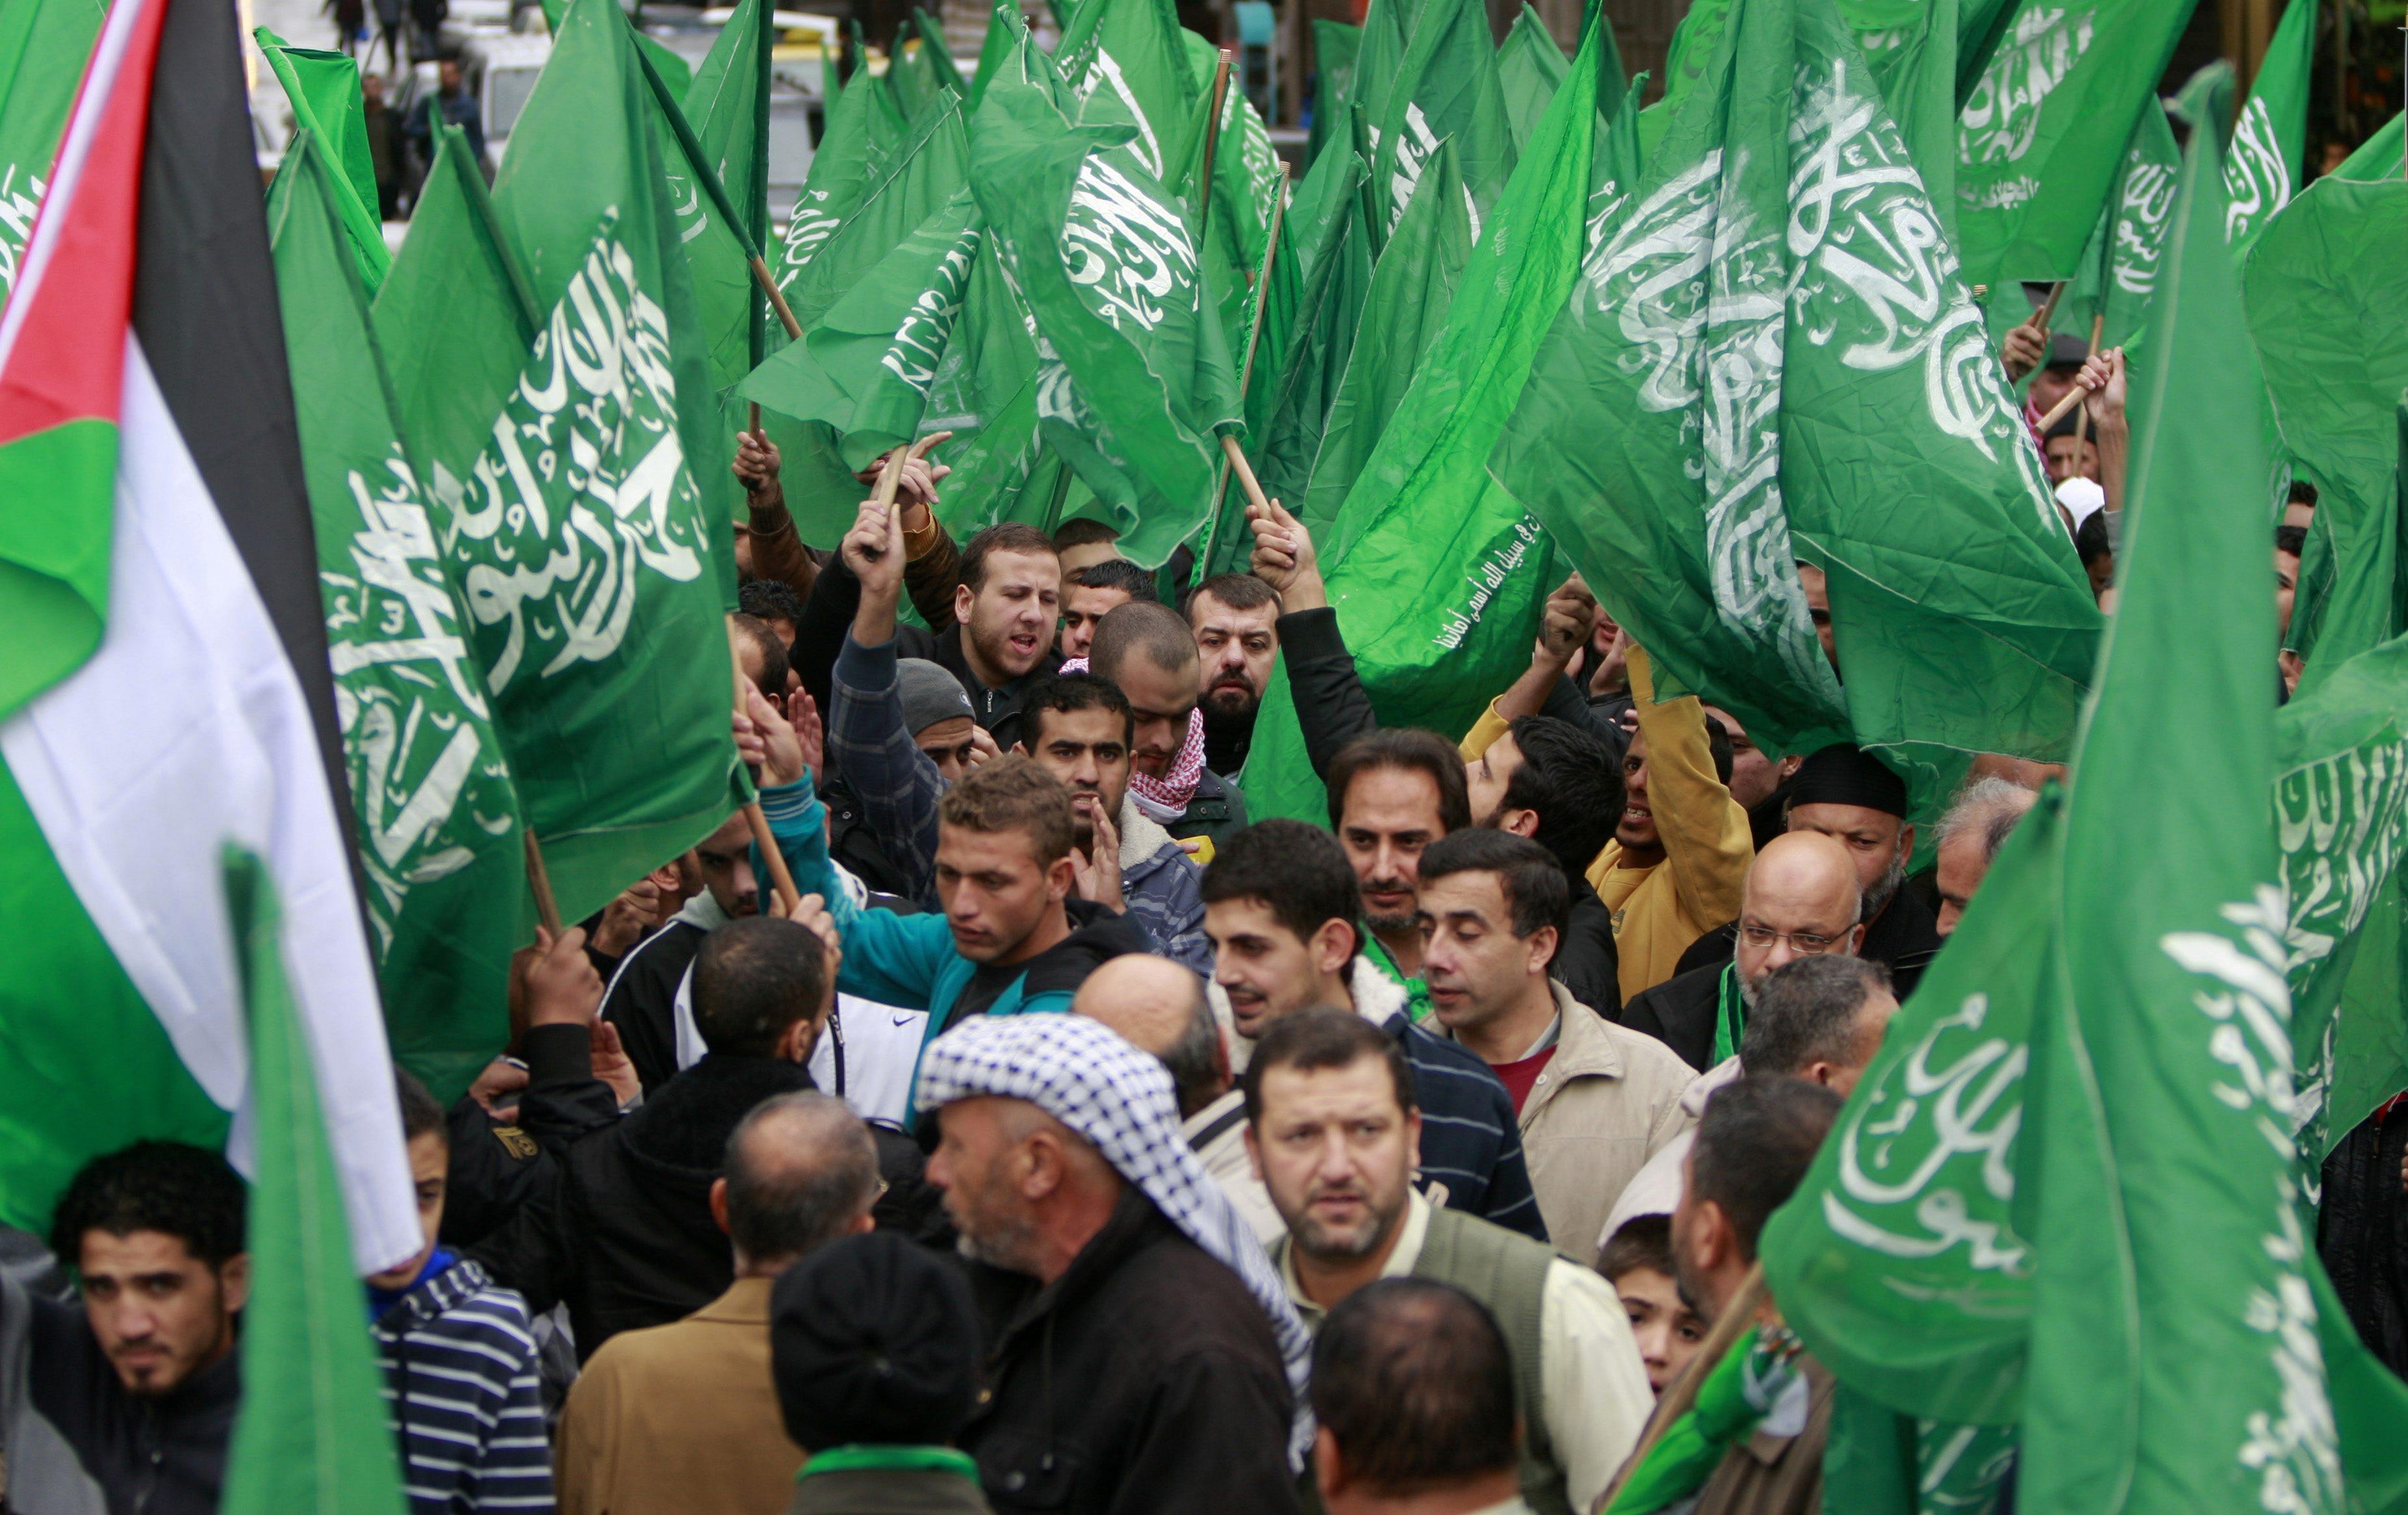 terorizmus, zoznam teroristických organizácií, Palestína